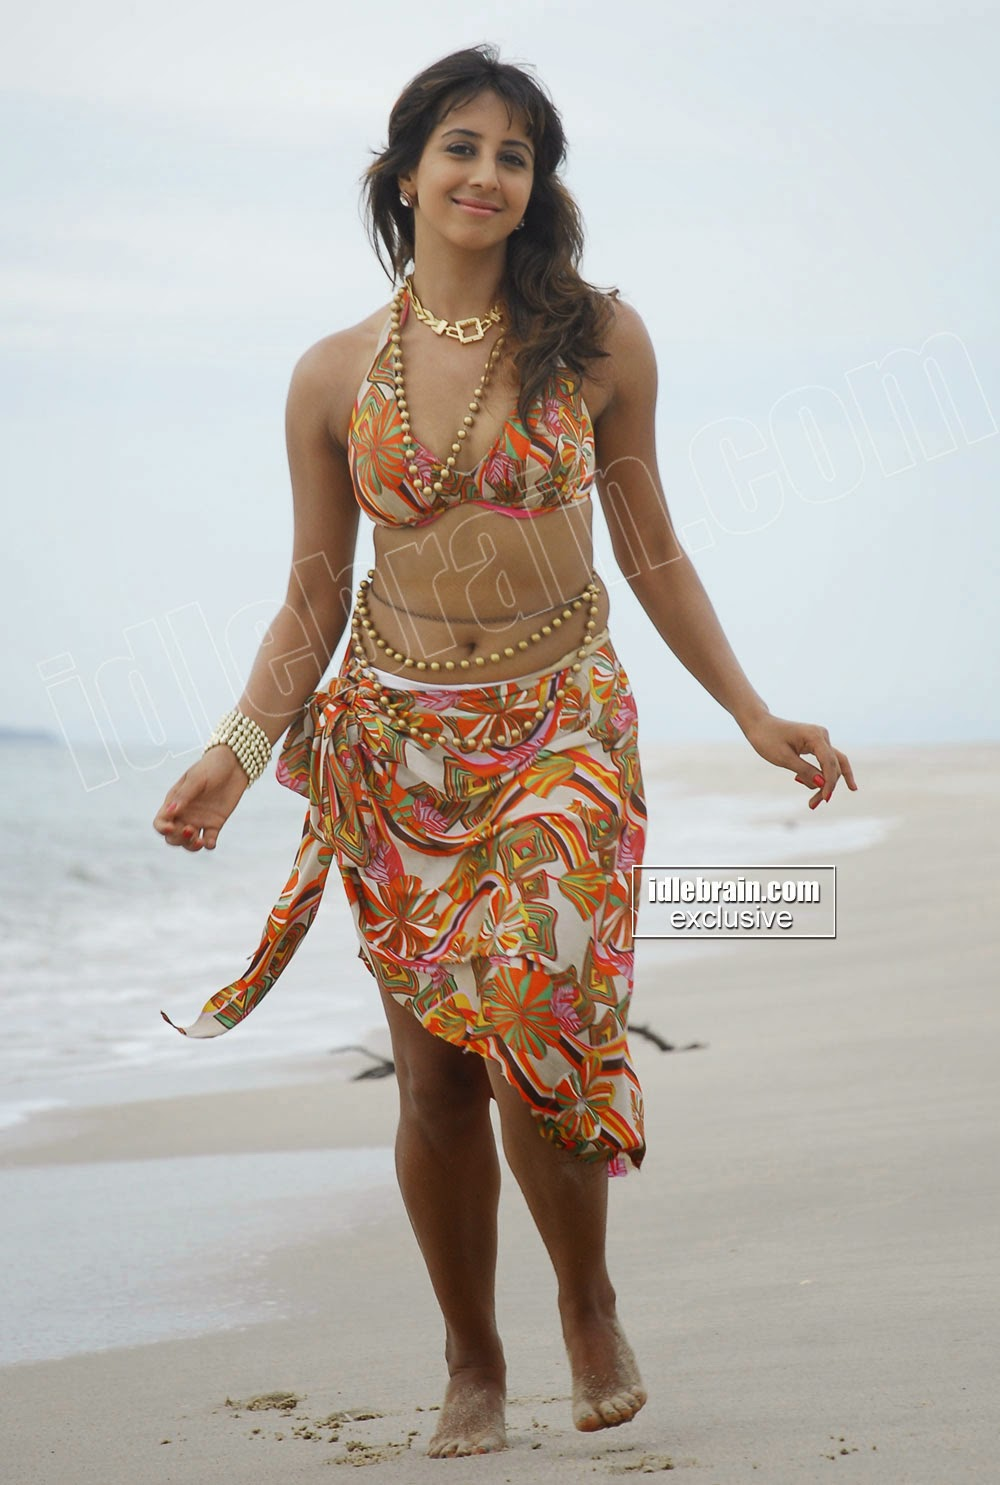 Sanjana Exposing hot